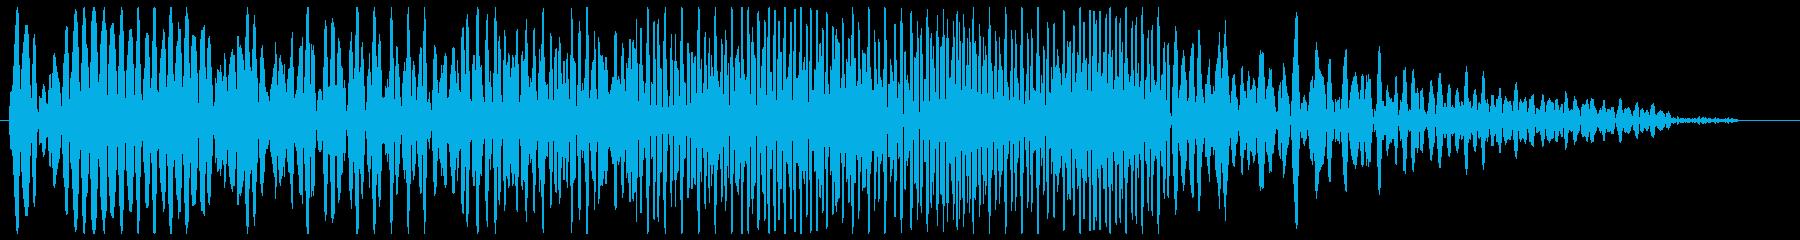 ウィーン (重厚感のある機械音)の再生済みの波形